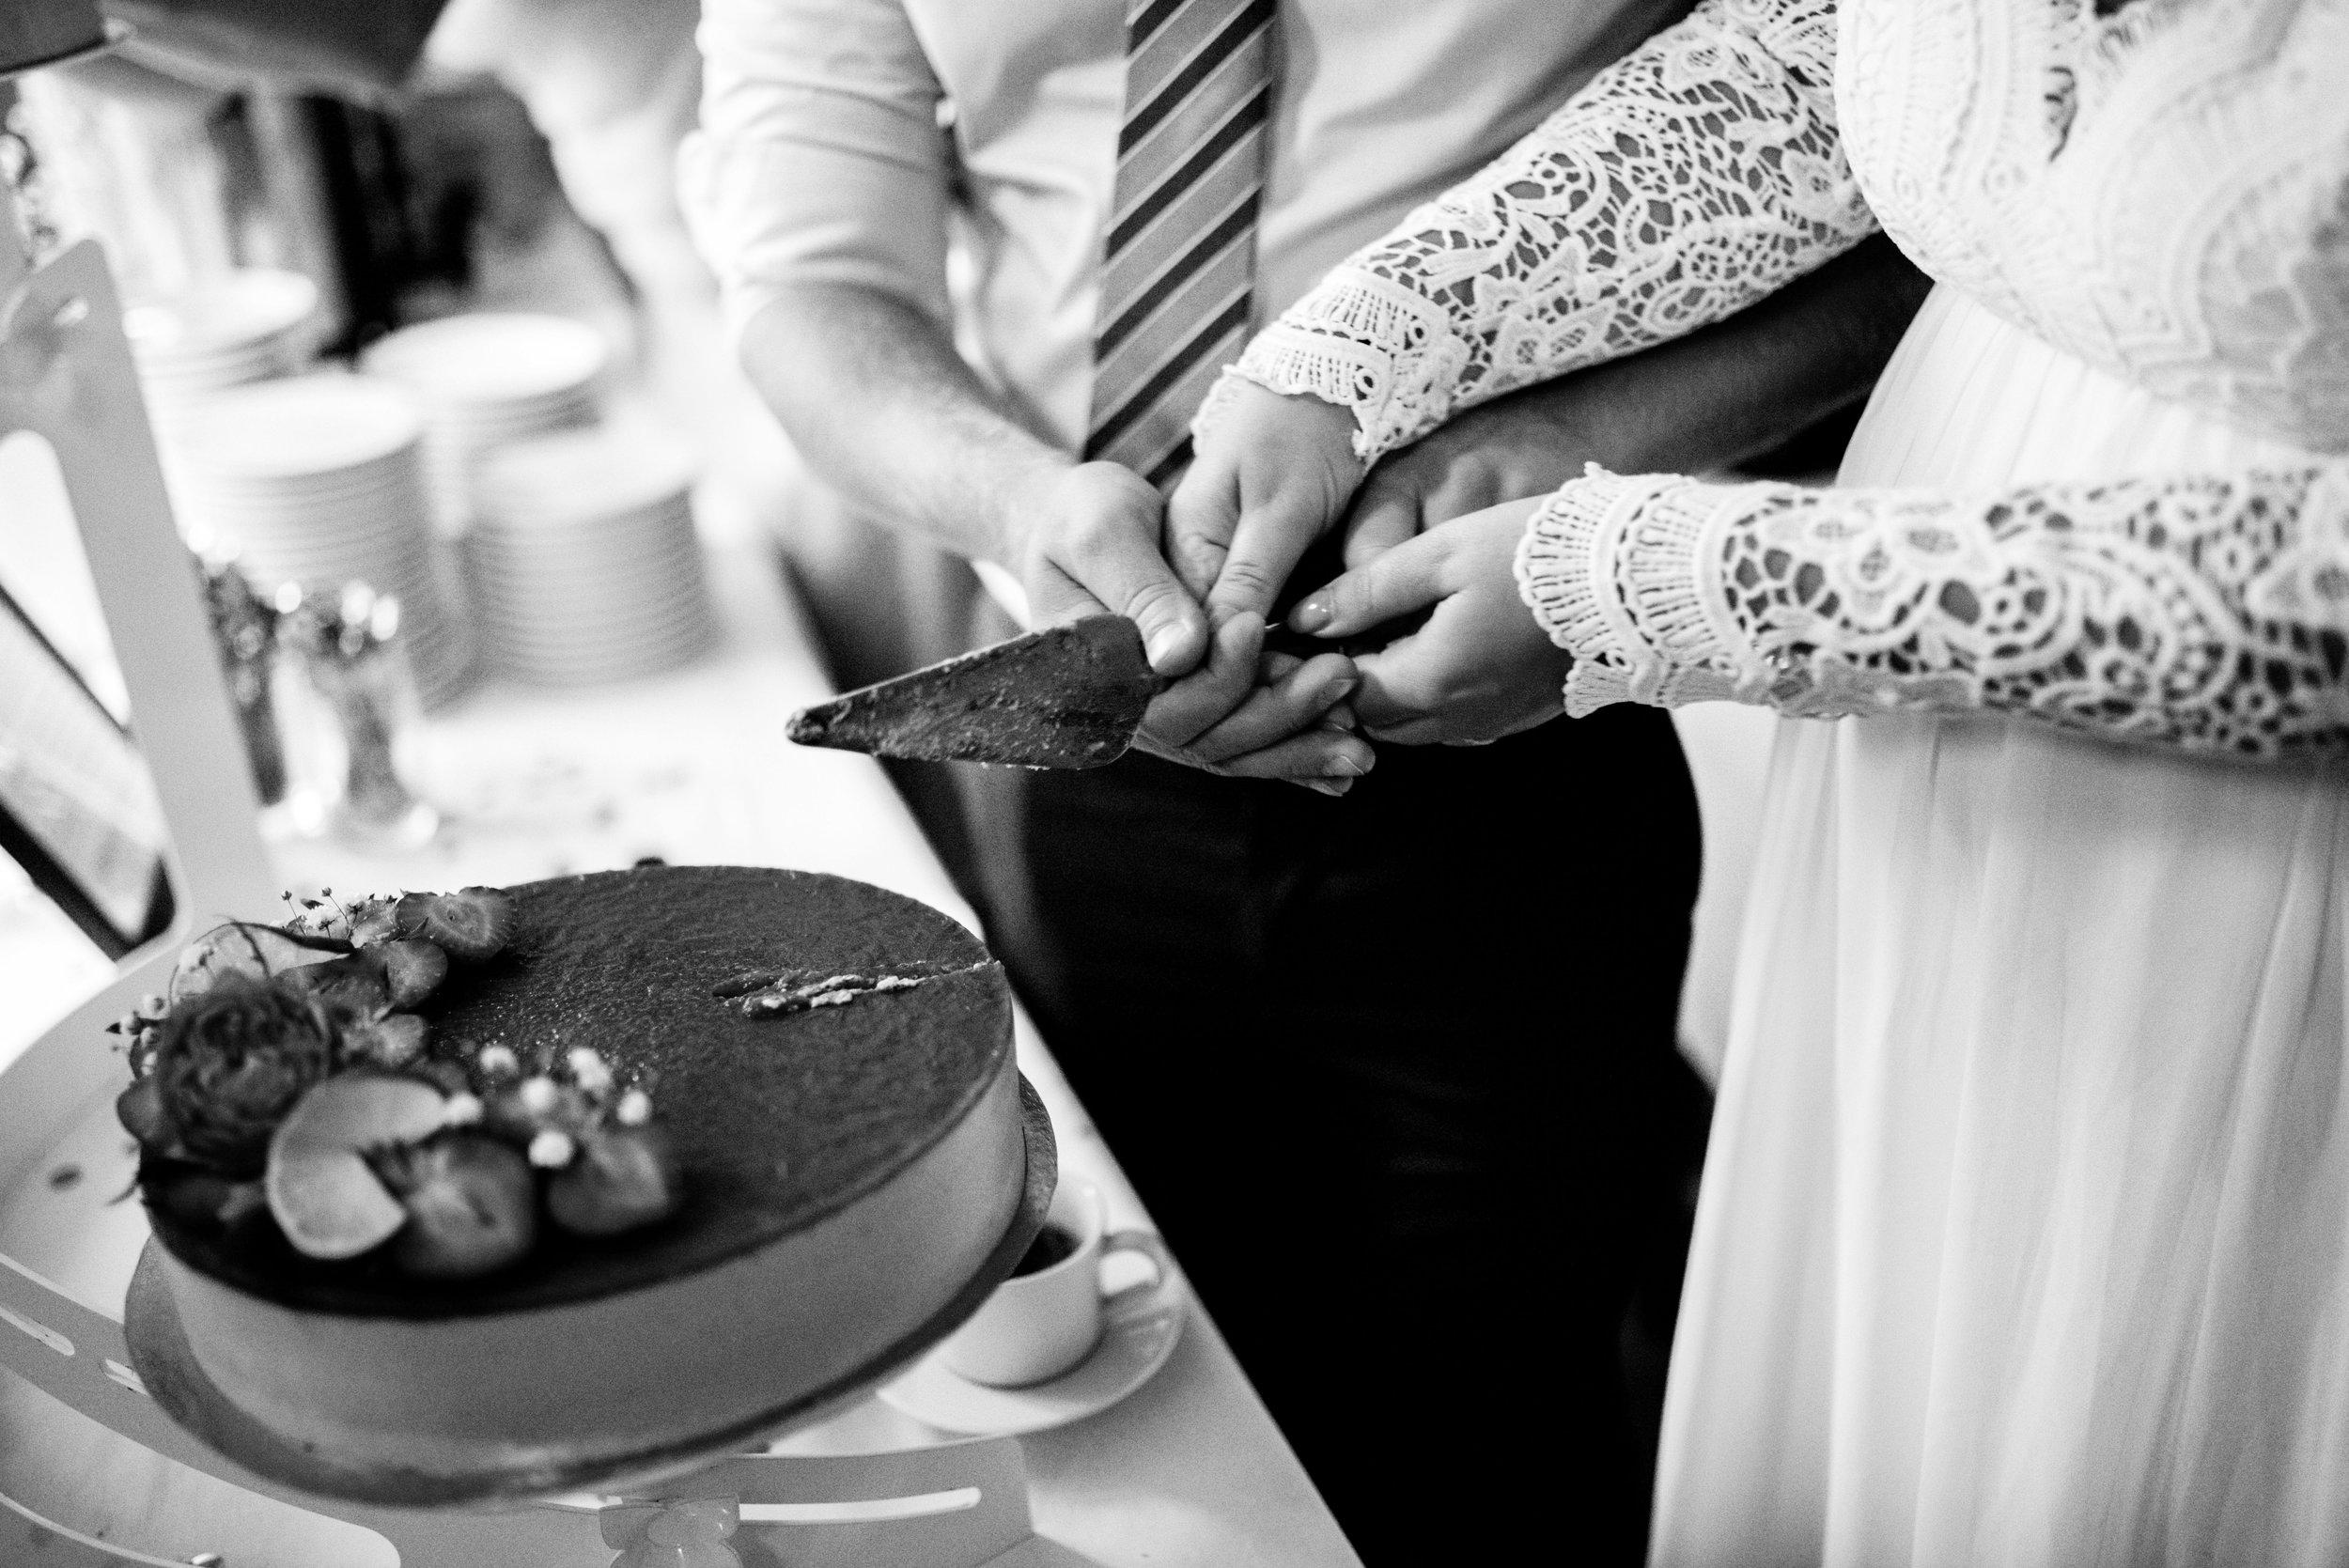 Bröllop2019lågkvall2-6374-2.jpg